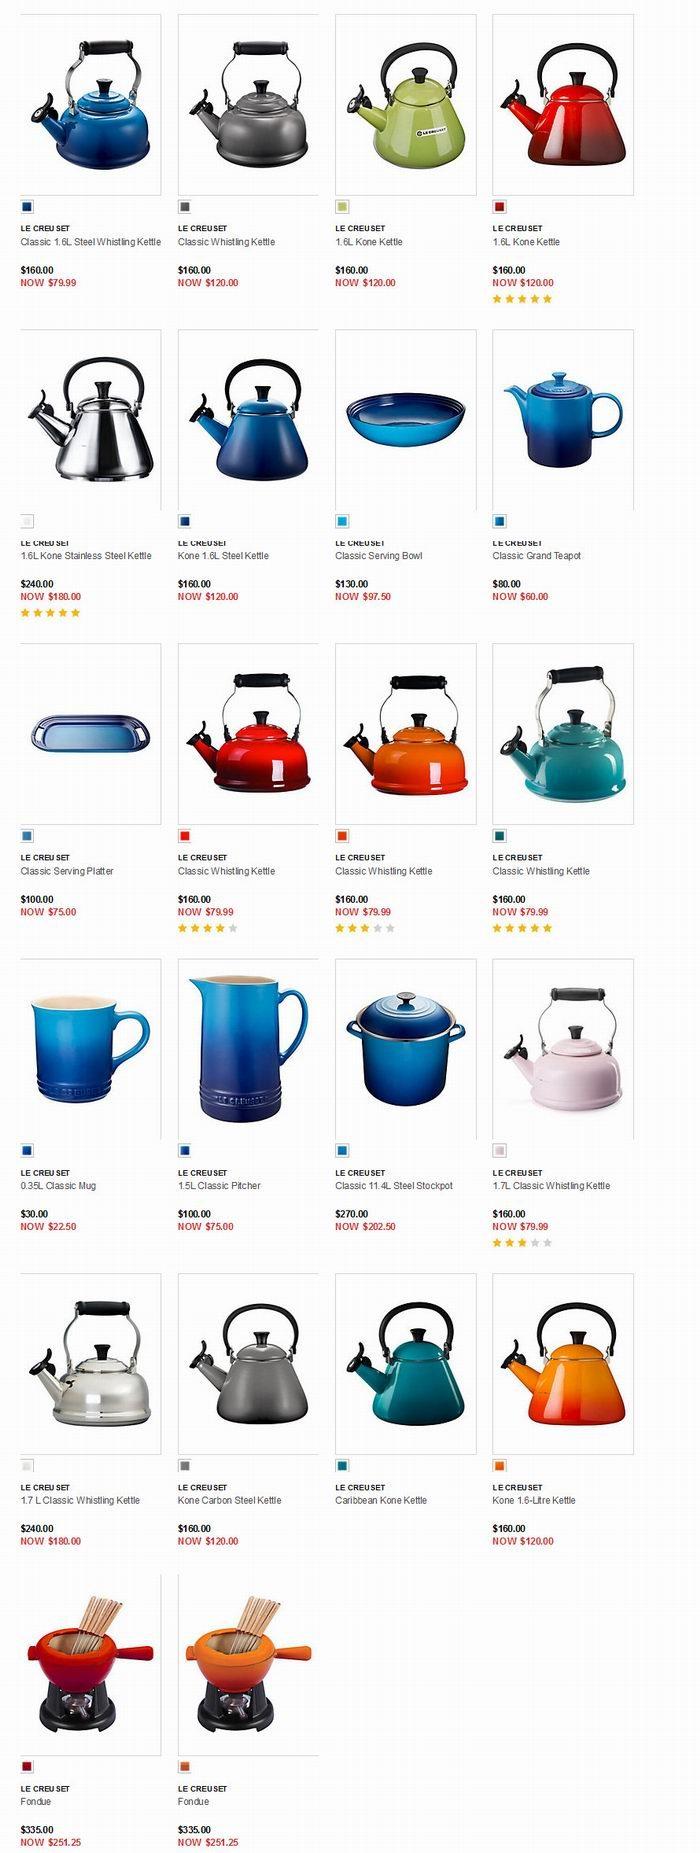 精选 Le Creuset Kone 珐琅铸钢茶壶/鸣响烧水壶 4.5折 71.99加元!多色可选!